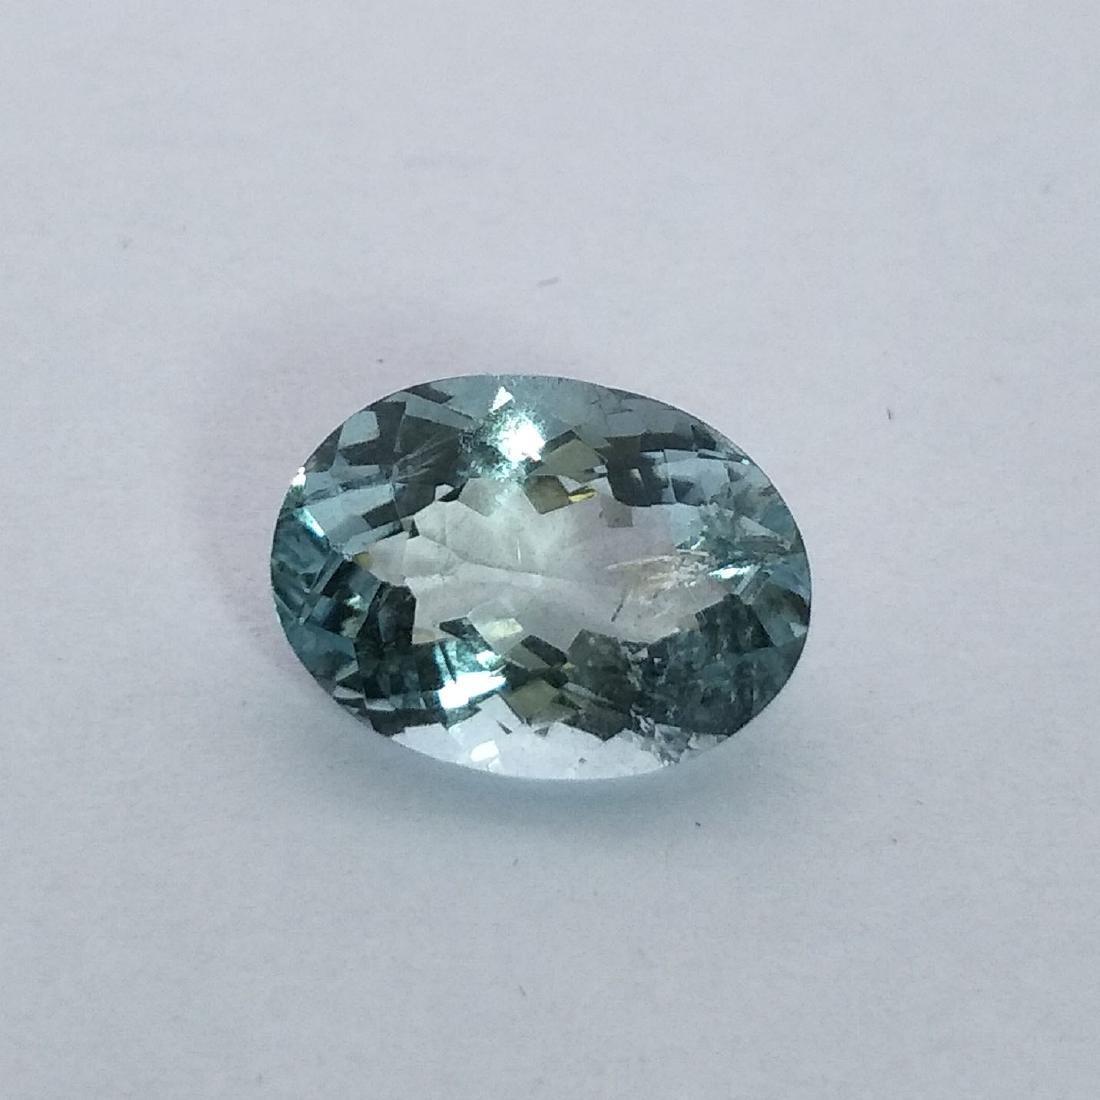 Aquamarine - 4.66 ct